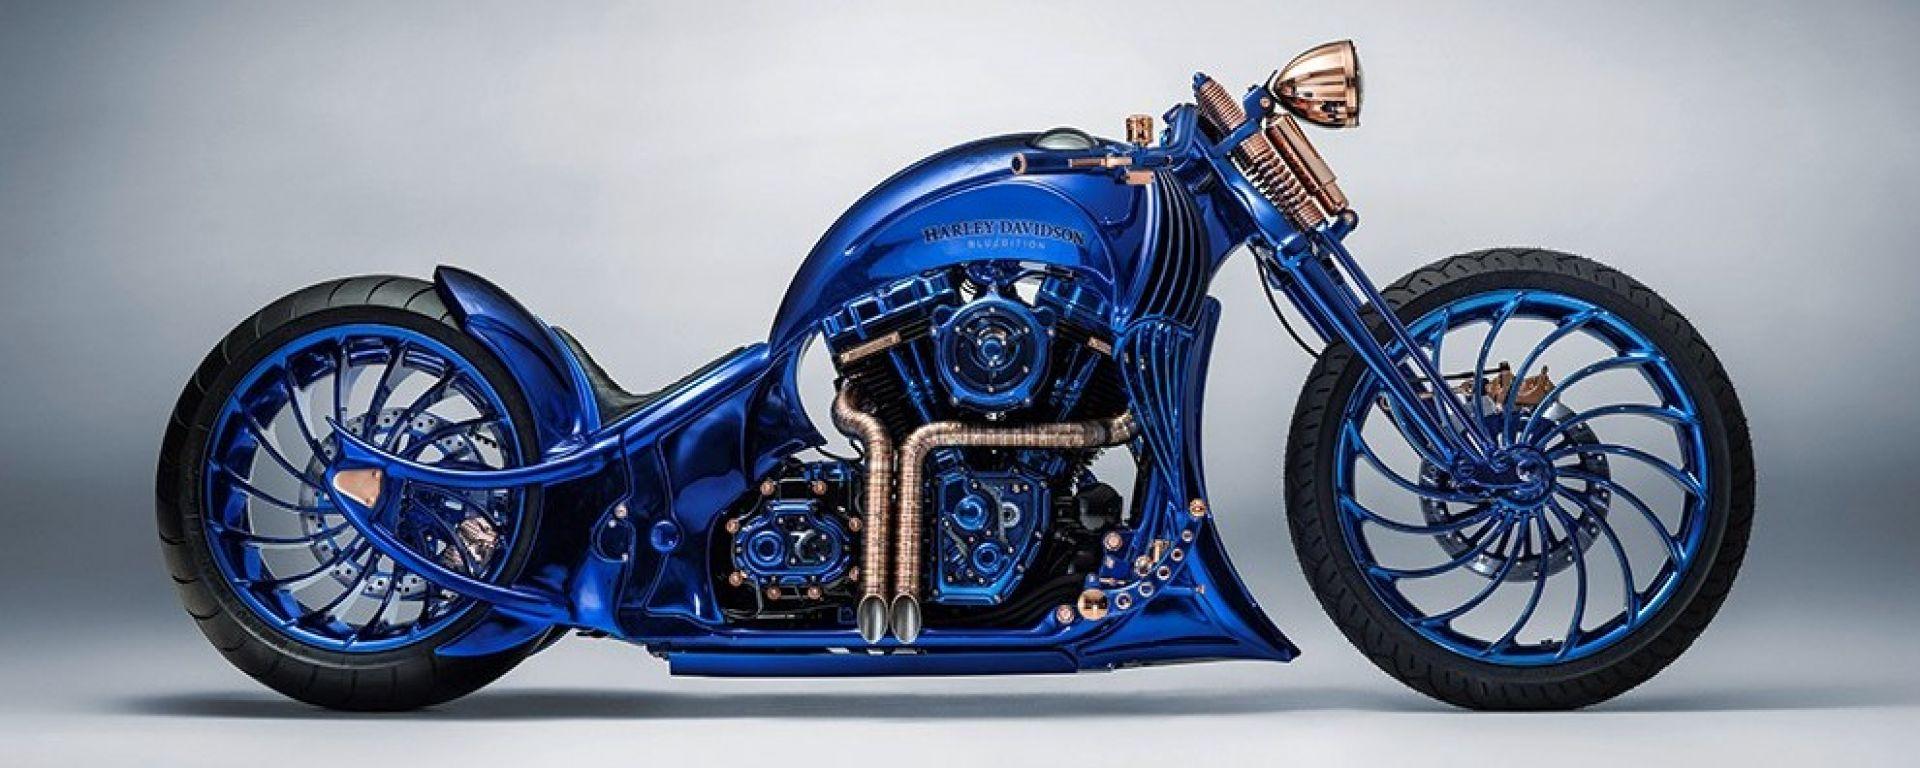 La moto più cara al mondo: è una Harley Davidson Softail